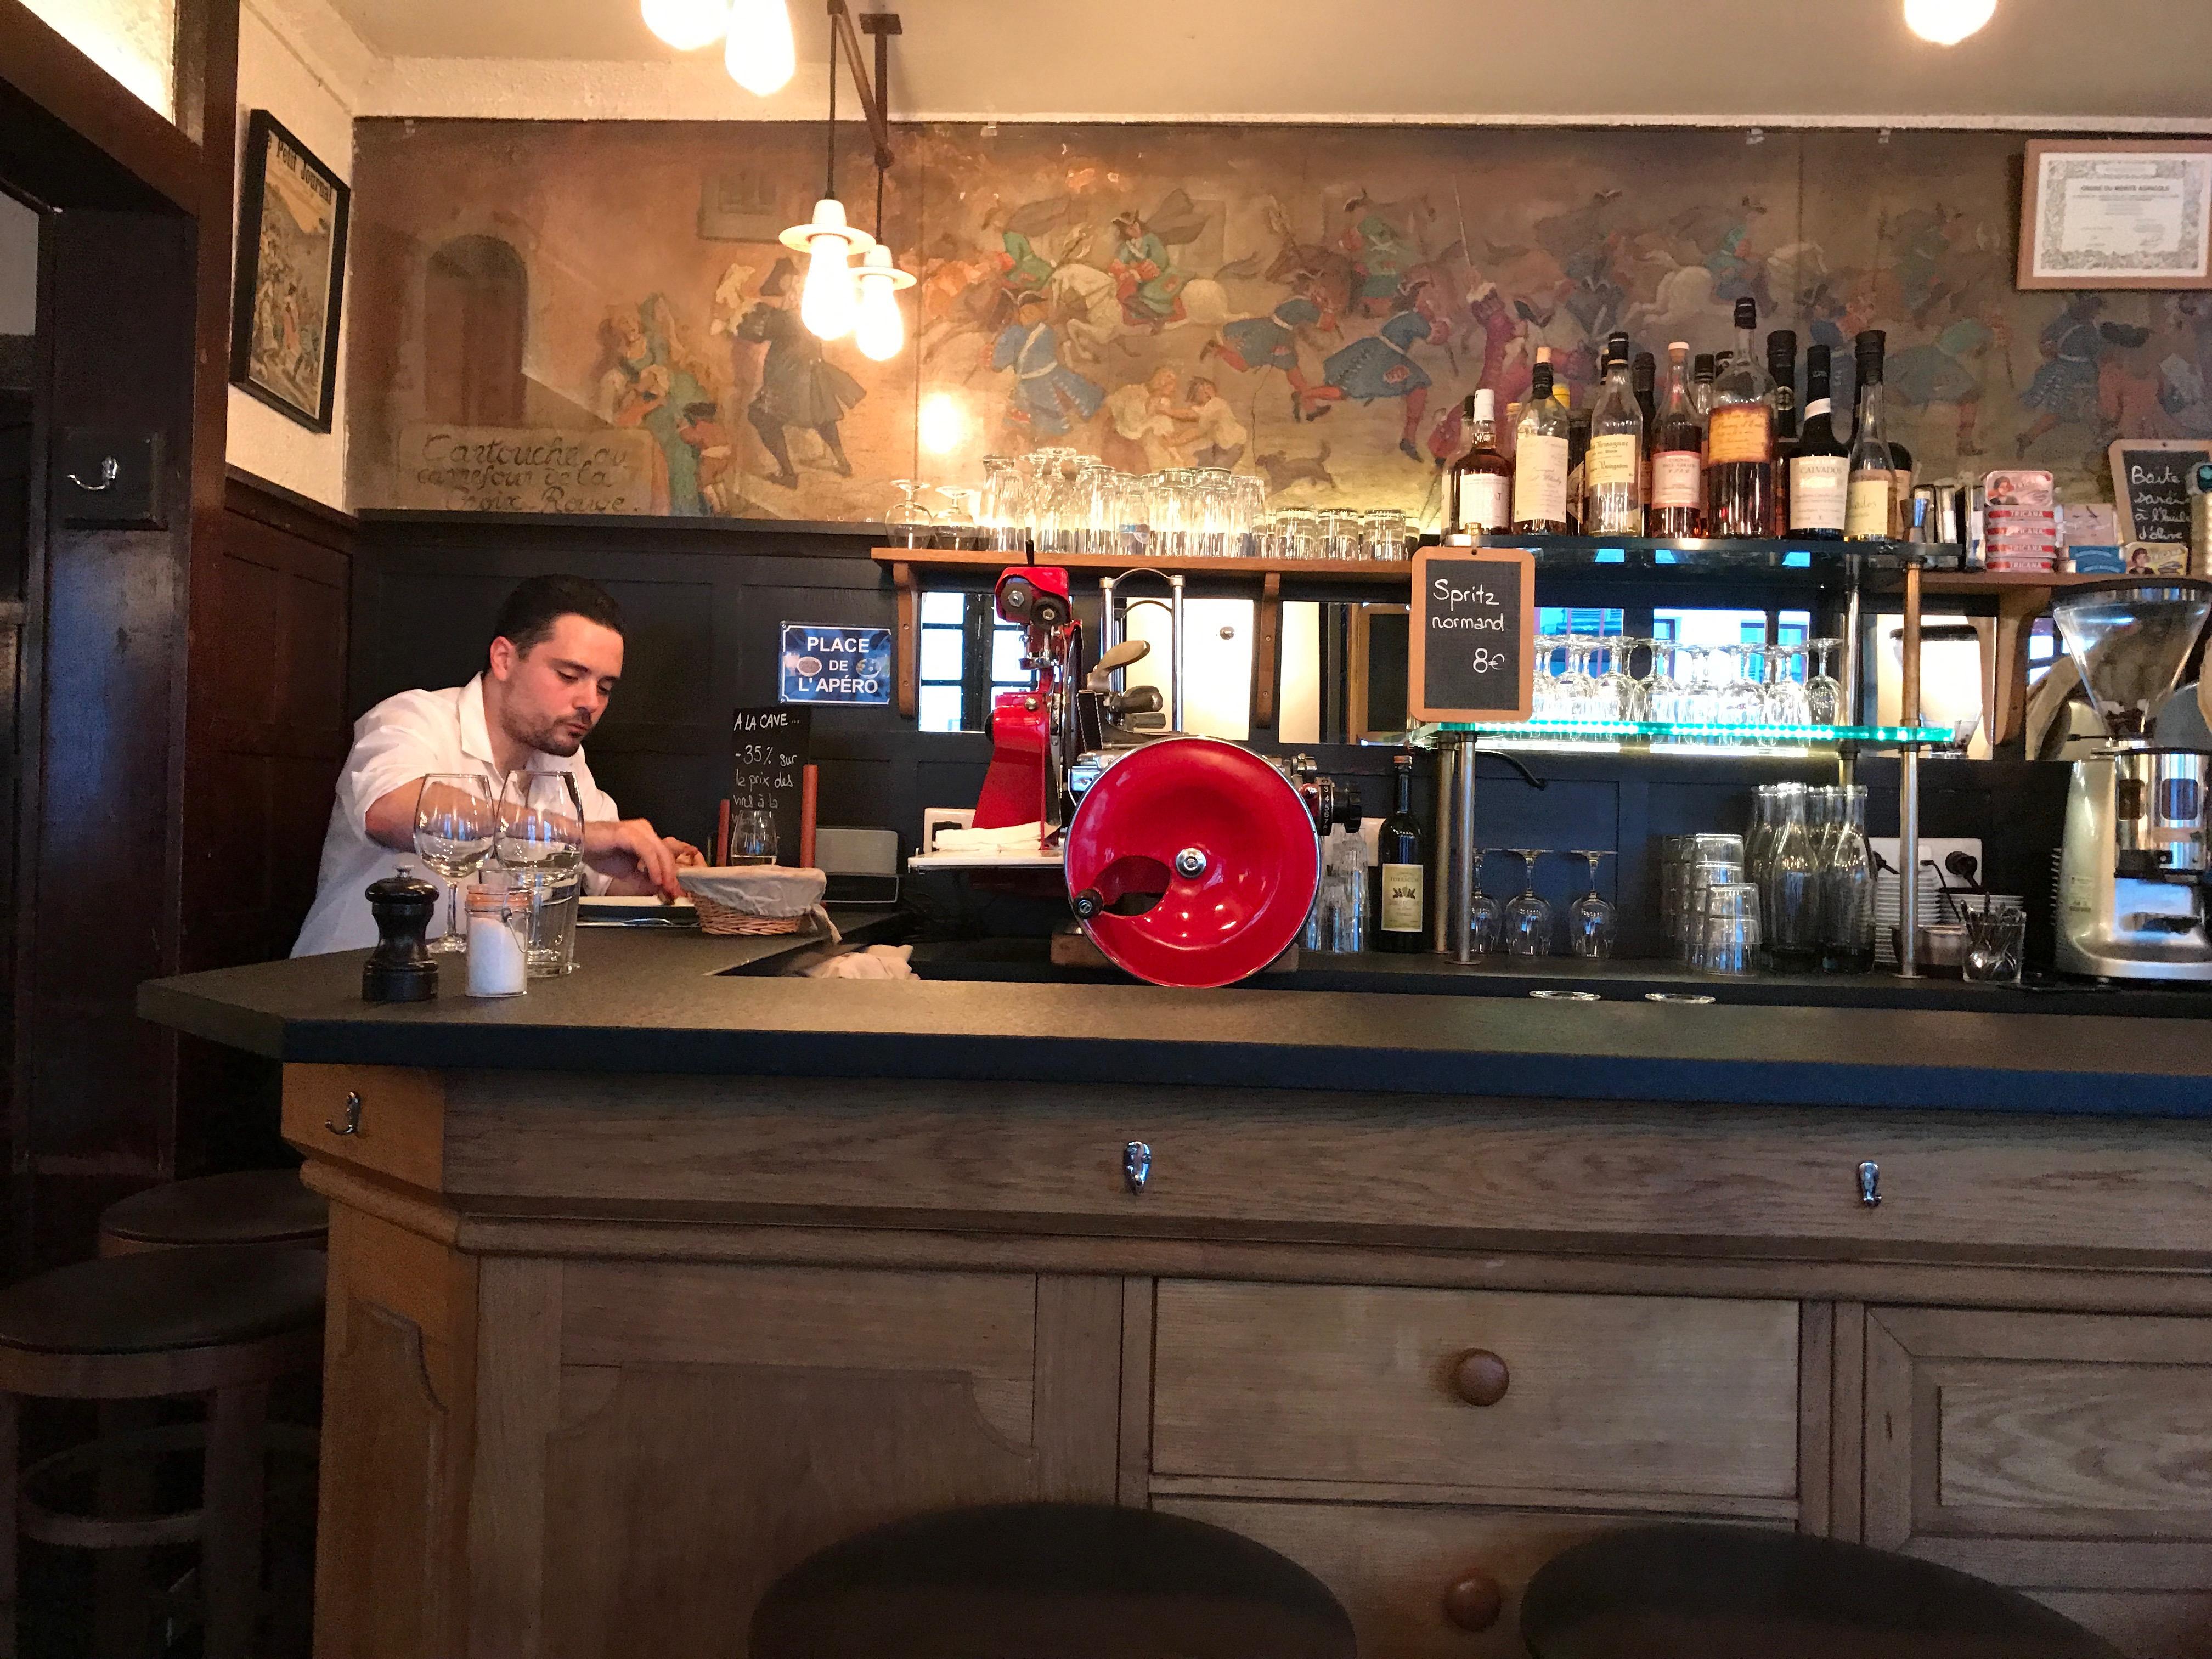 Le Repaire de Cartouche restaurant in Paris | parisbymouth.com